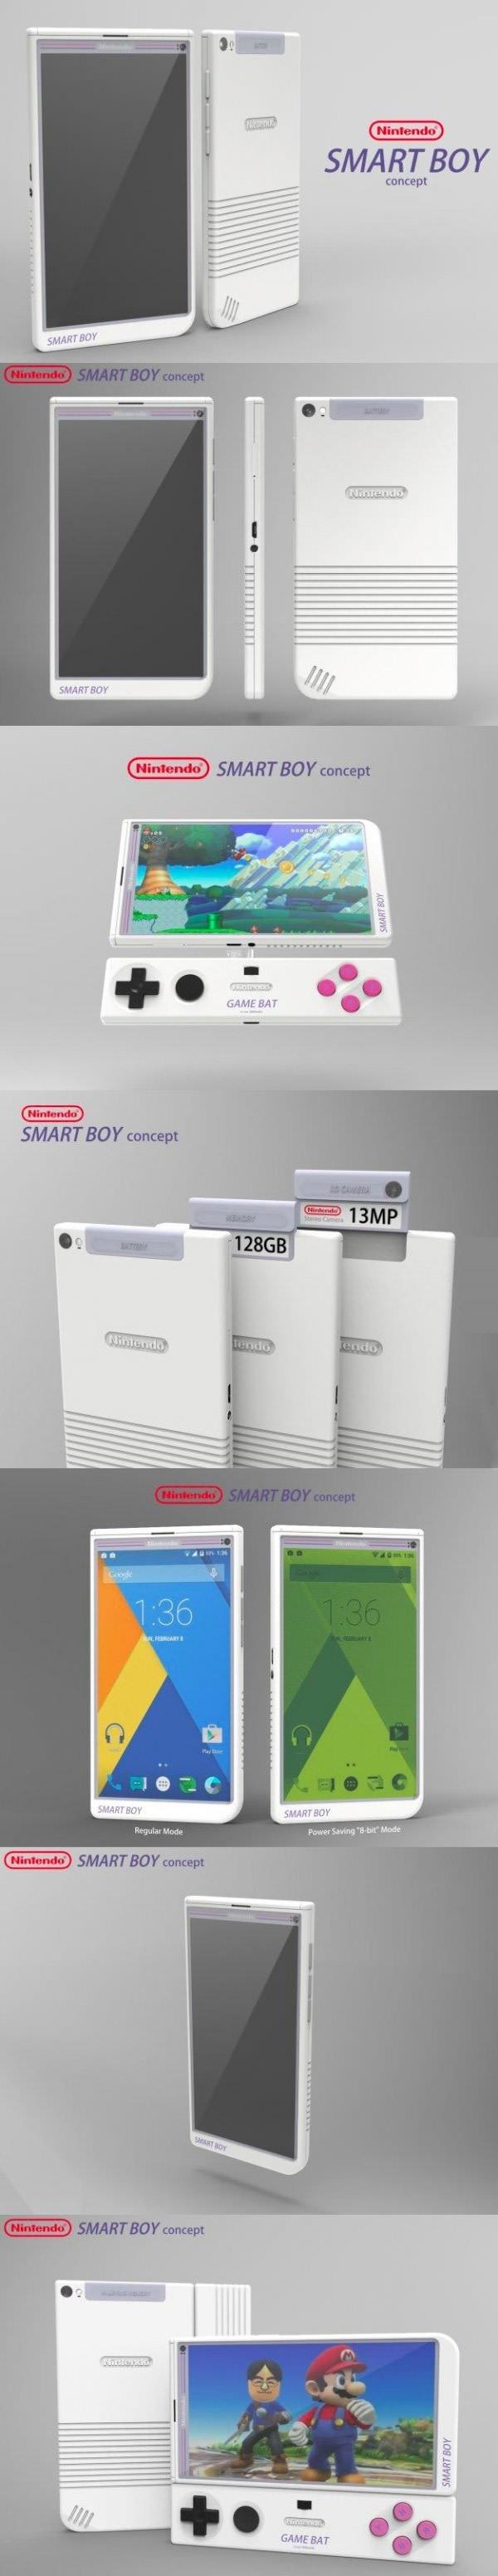 If Nintendo made a smartphone